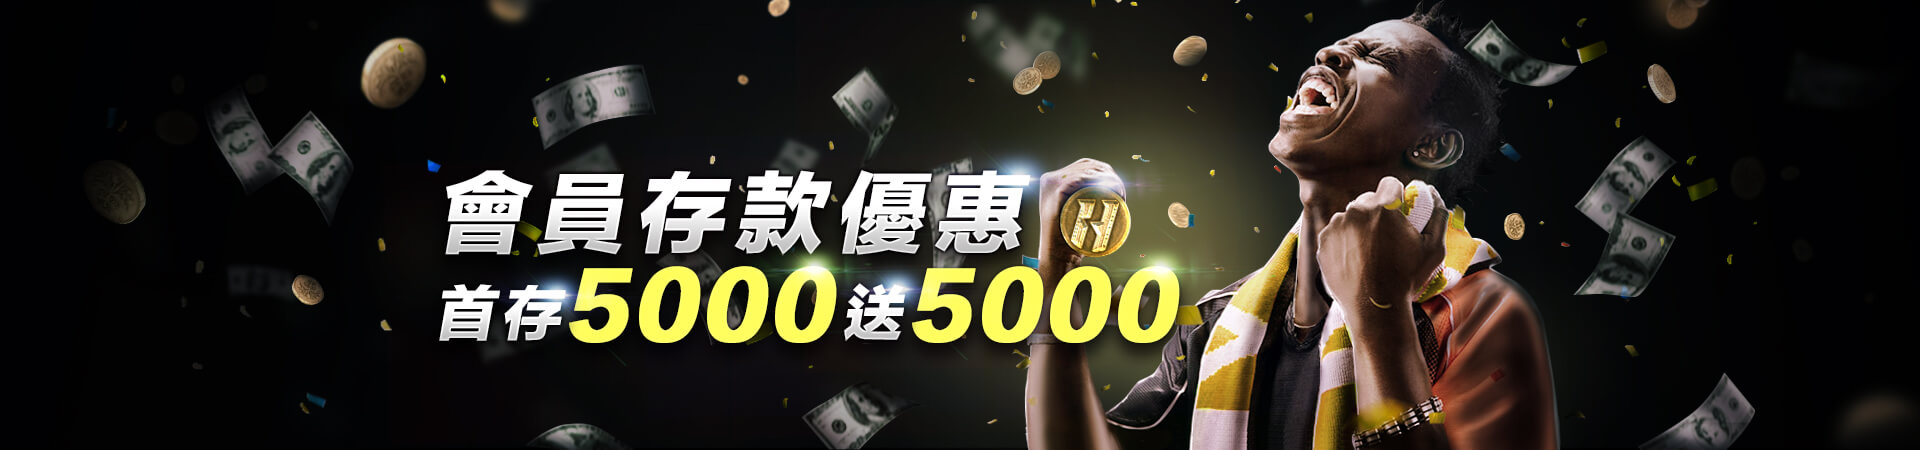 HOYA5000